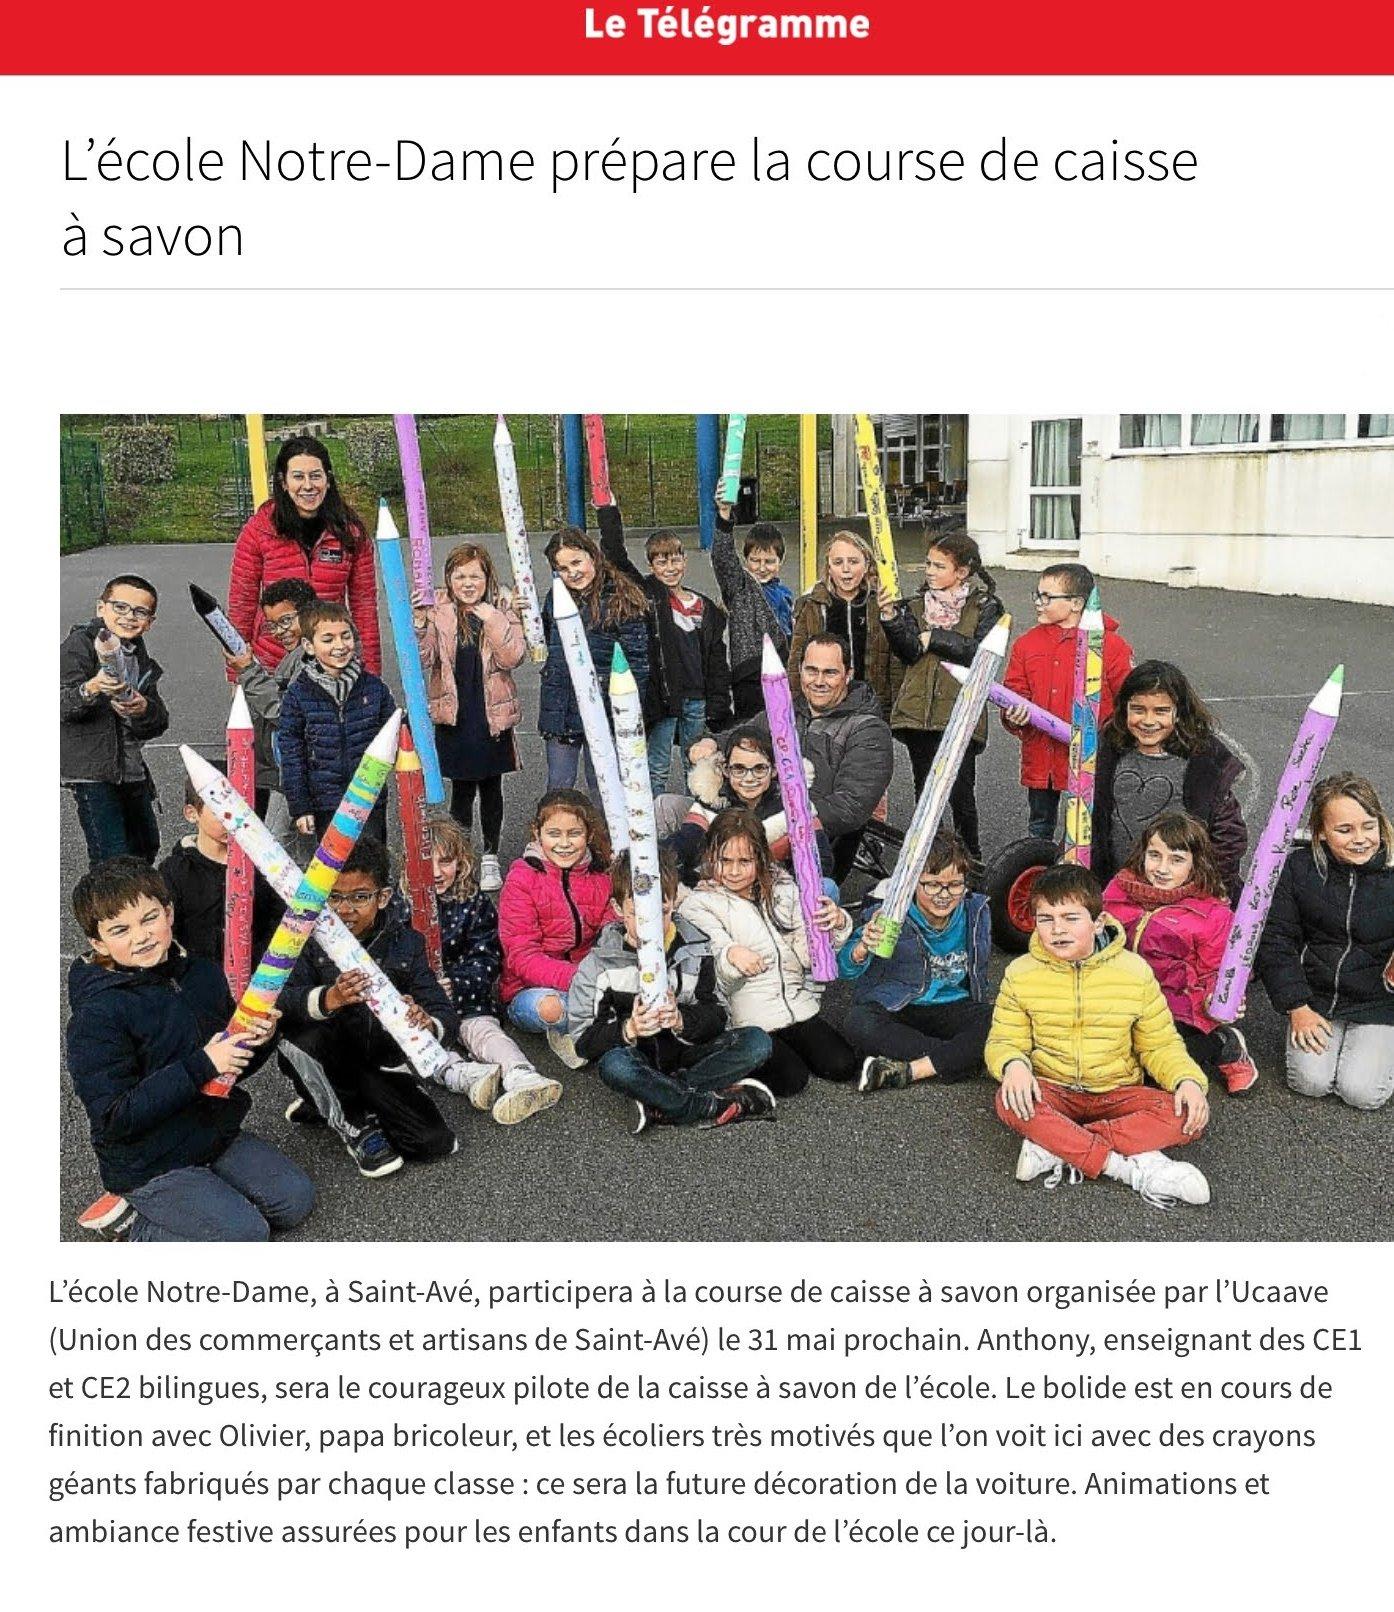 L'école Notre-Dame prépare la course de caisse à savon